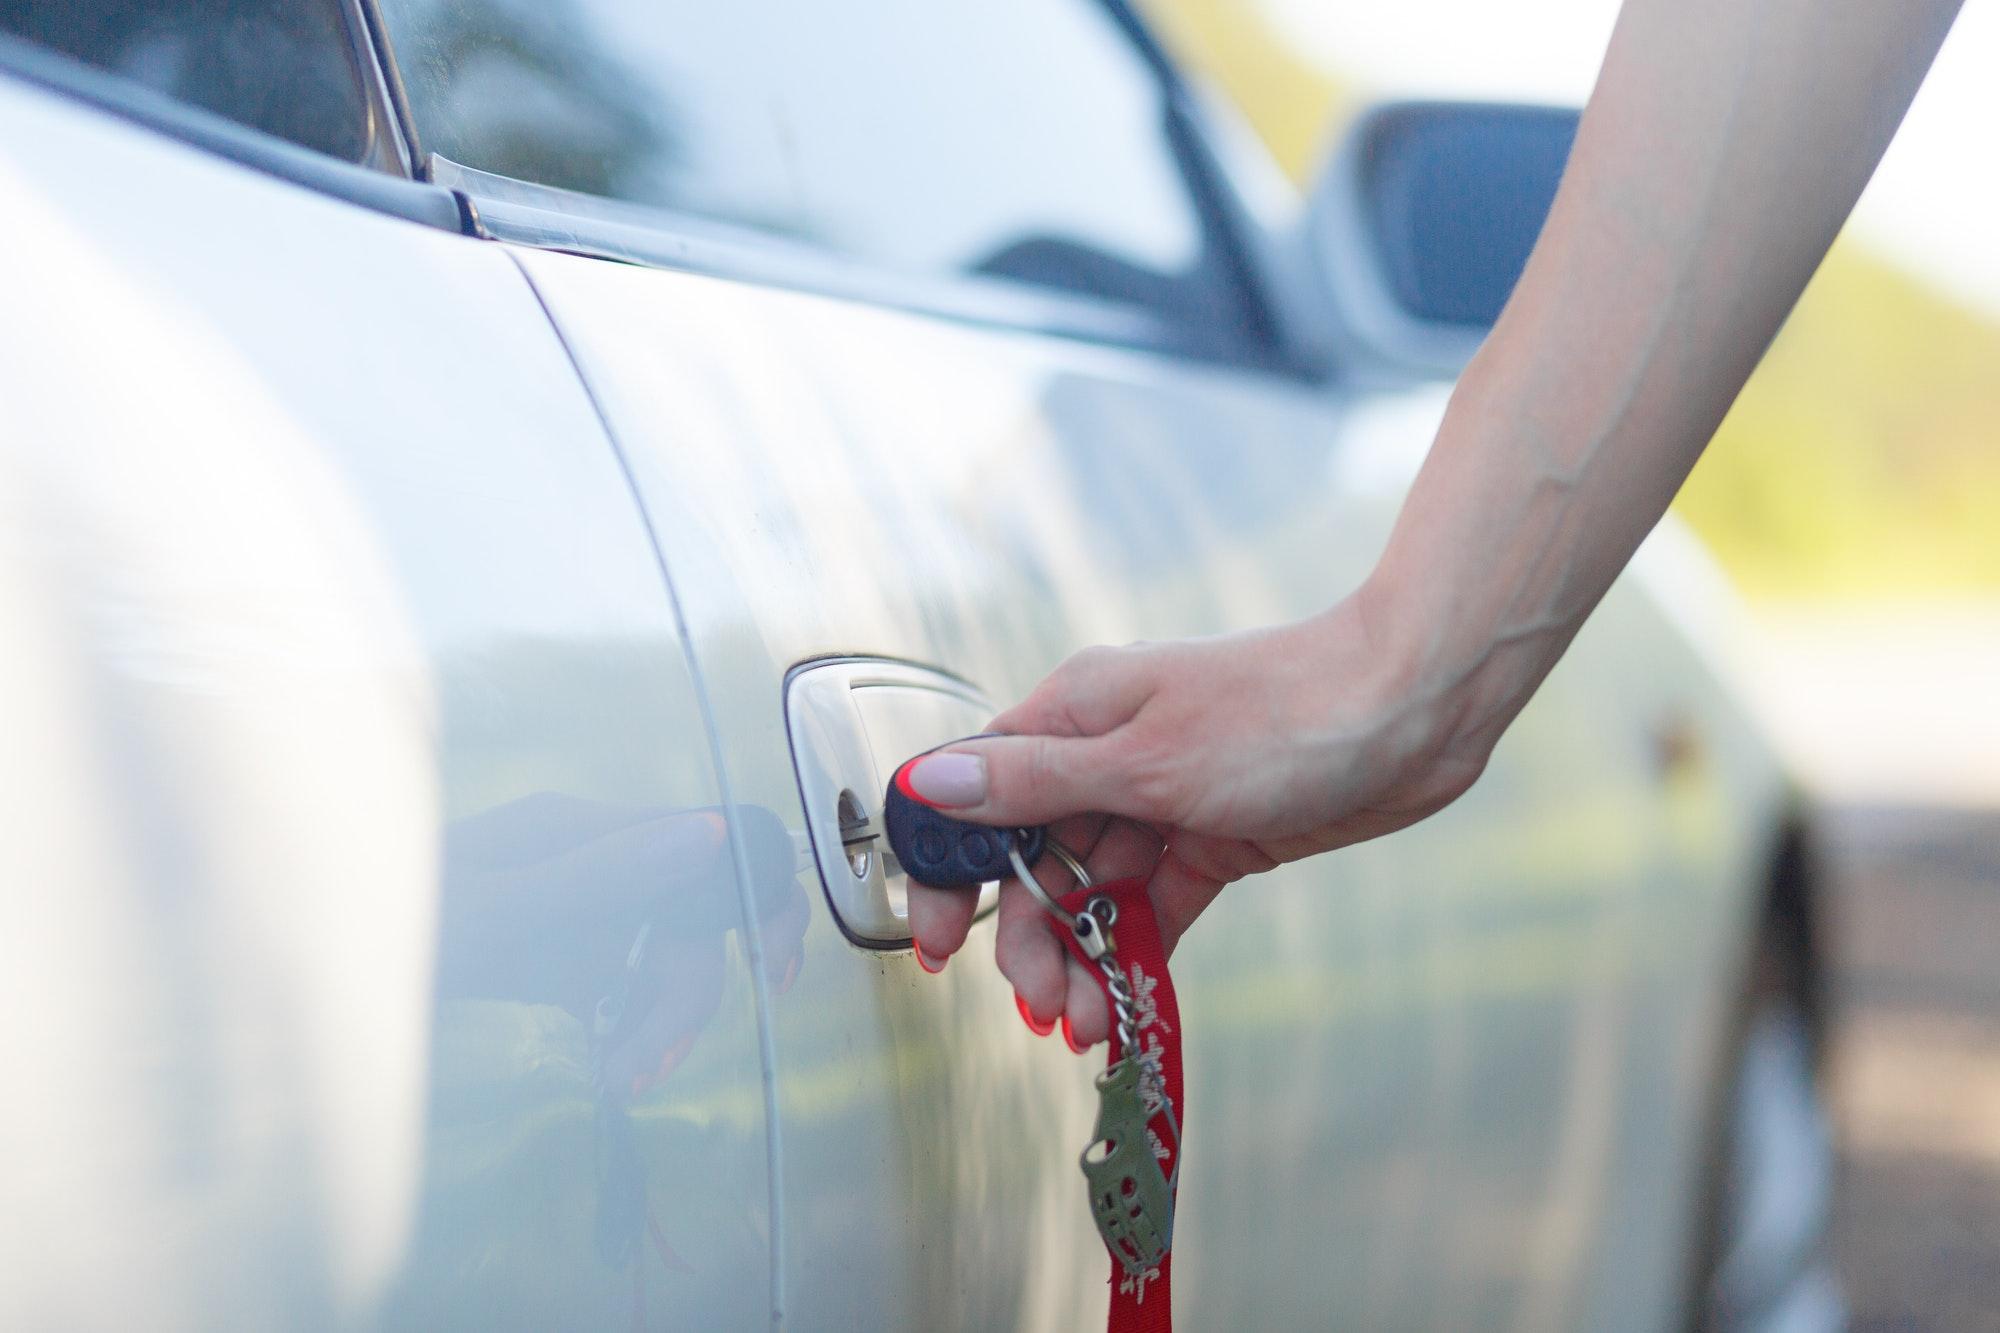 Car keys in a lock.